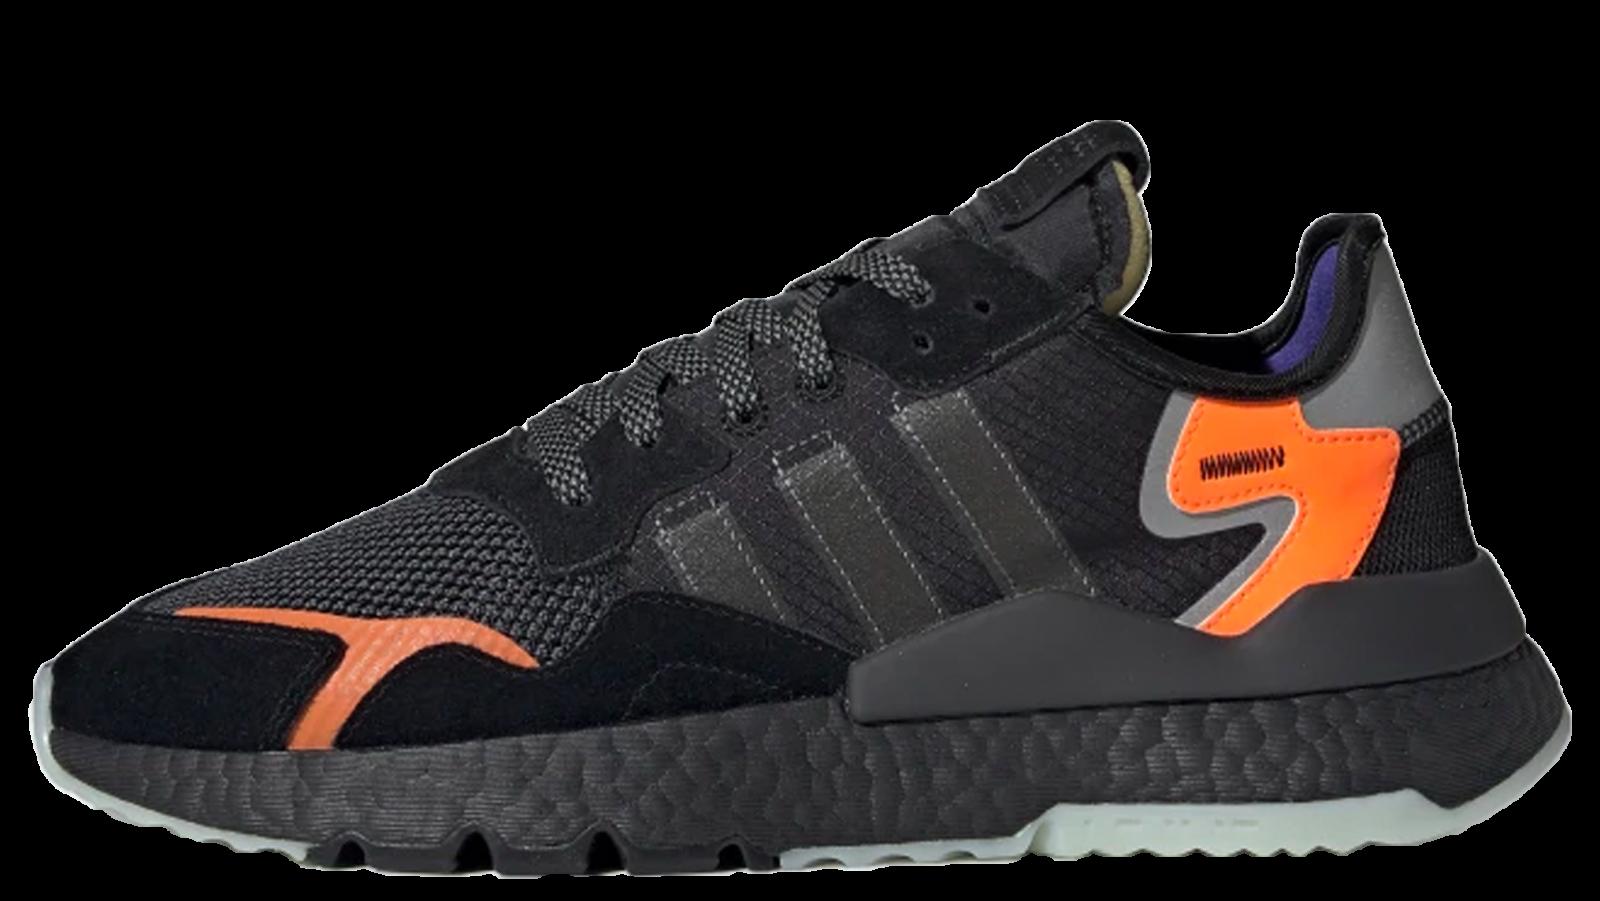 0cdc076a256a adidas Nite Jogger OG Black Orange